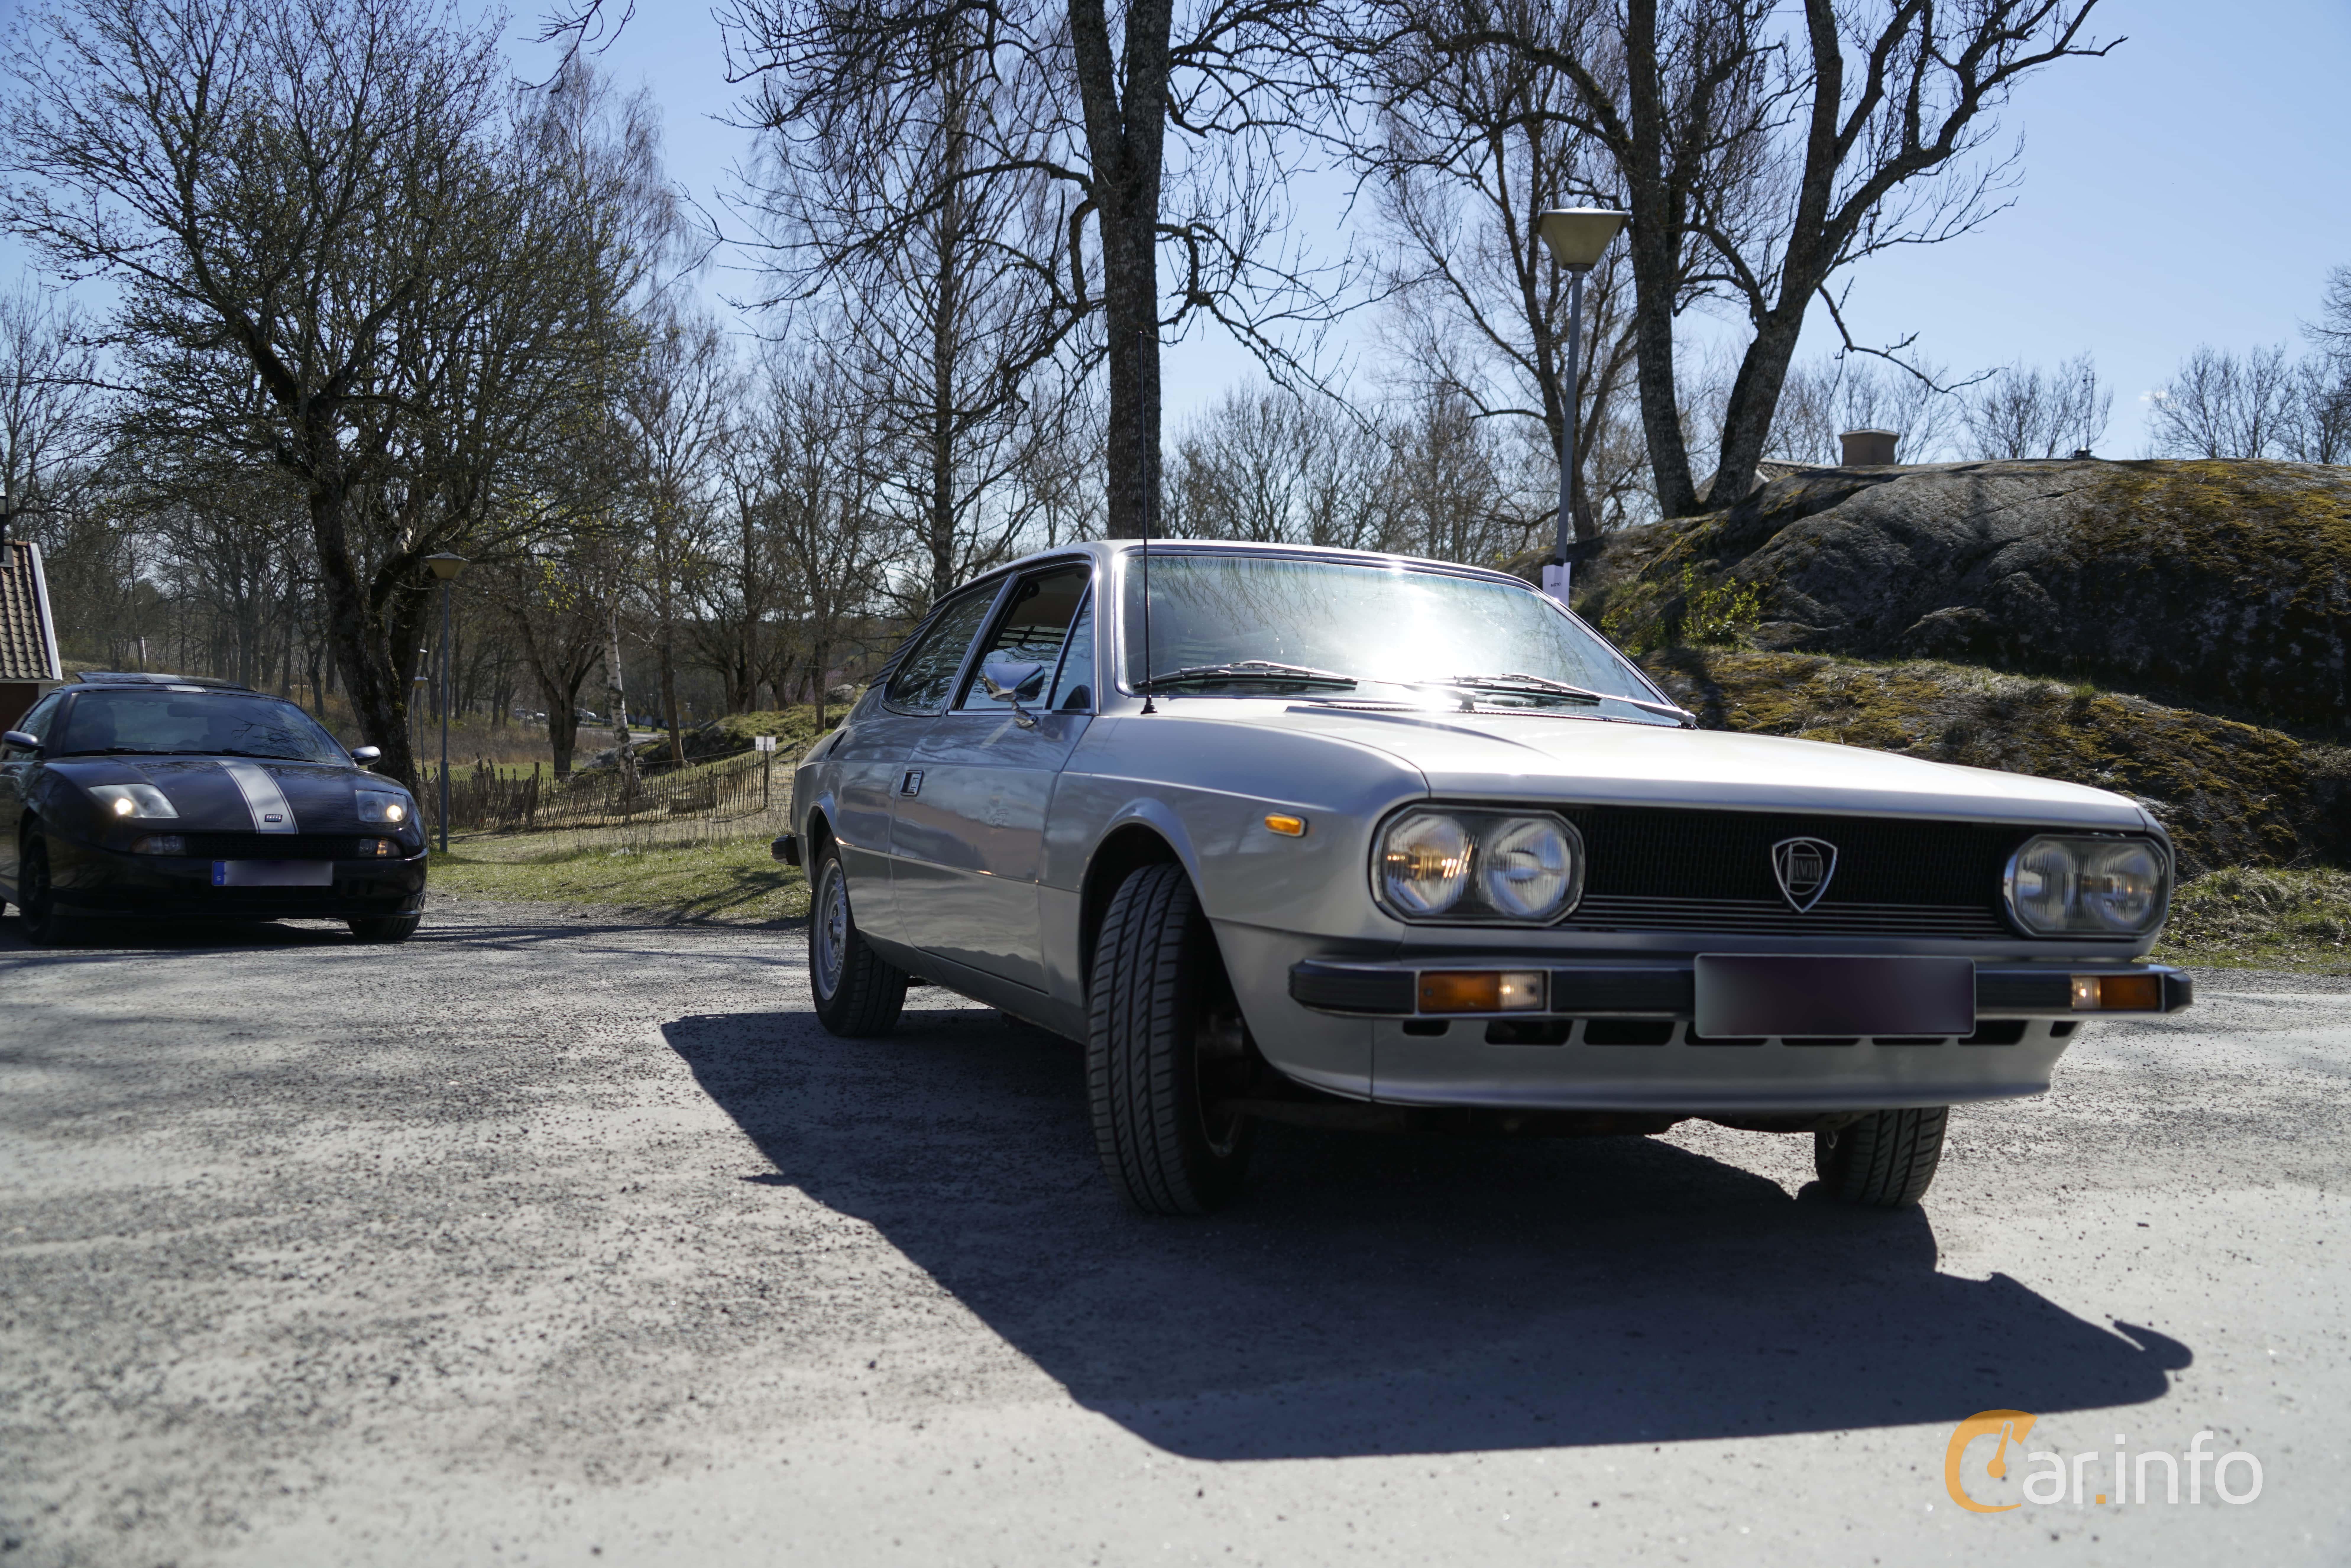 https://s.car.info/image_files/full/lancia-beta-hpe-front-side-italienska-fordonstraffen-wenngarn-2017-2-364505.jpg